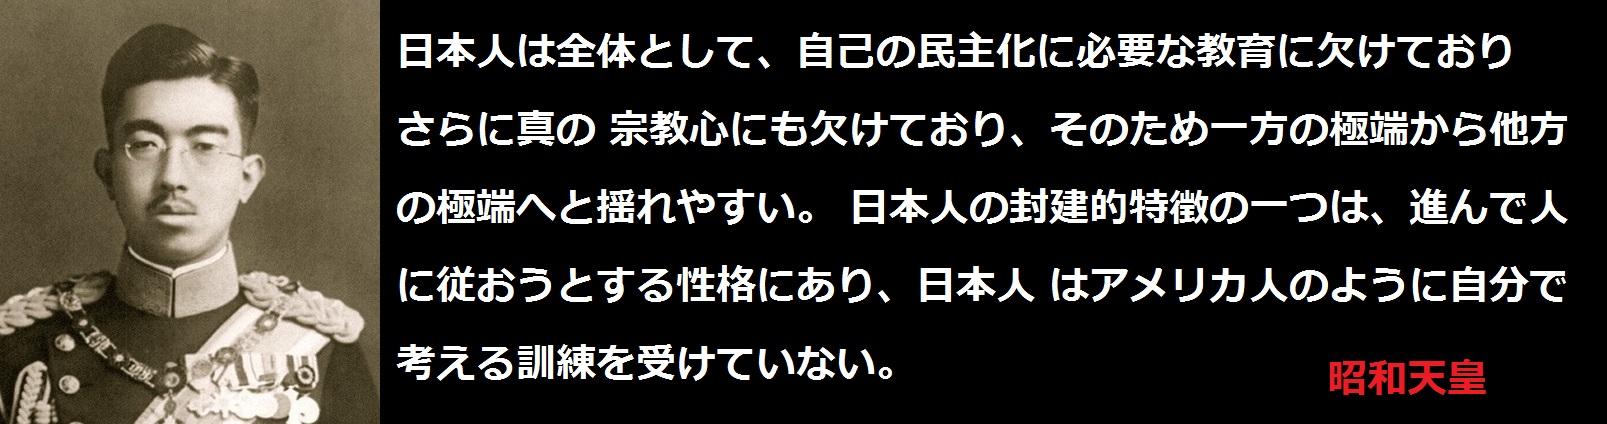 f:id:JAPbuster:20170519182622j:plain